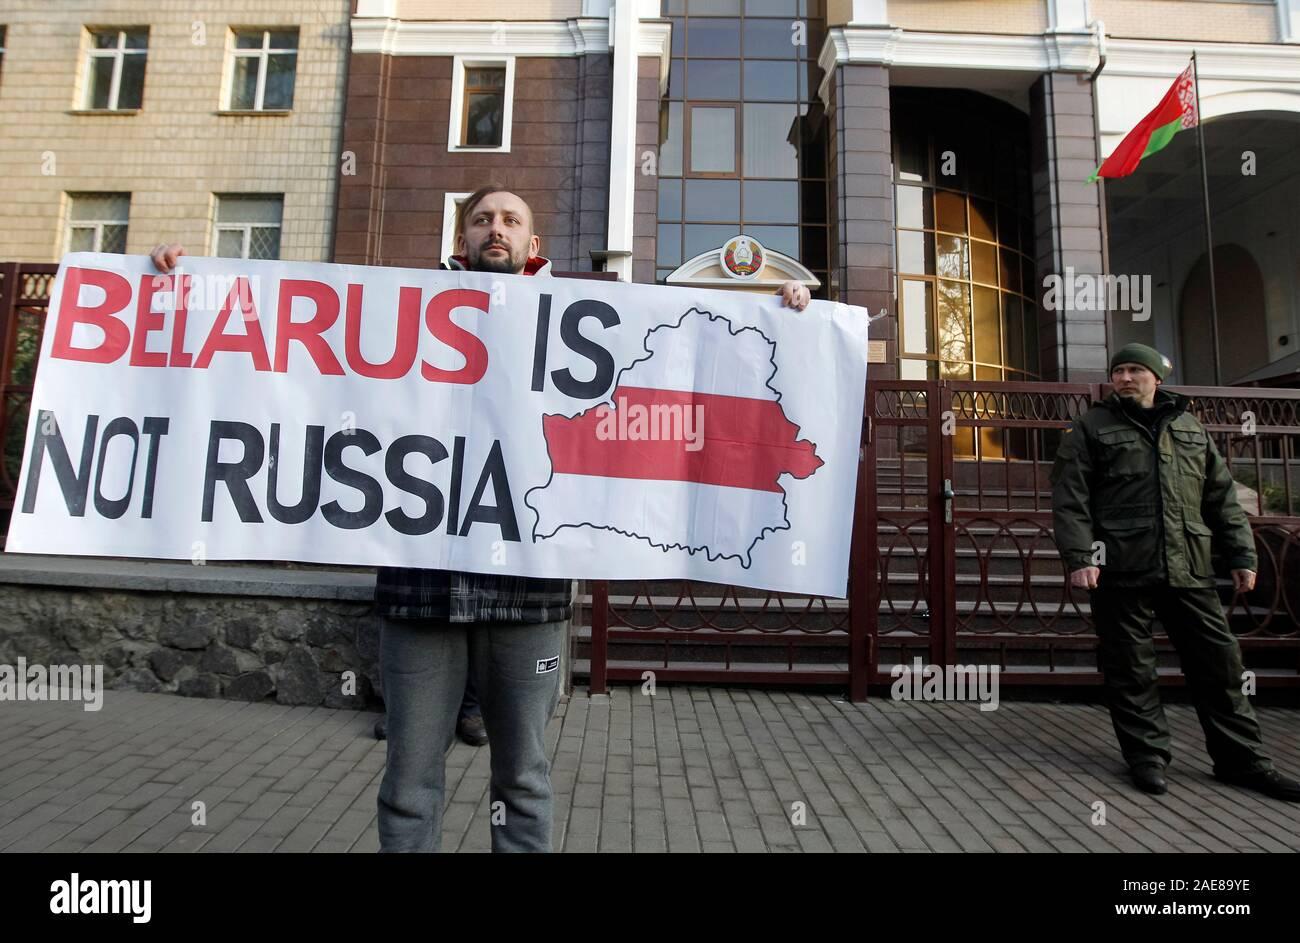 Un attivista detiene una targhetta durante una manifestazione di protesta contro l'integrazione Belarus-Russia programma, al di fuori dell'Ambasciata bielorussa a Kiev.manifestanti contrari alla integrazione della Bielorussia e della Russia e ritengono che firmano un nuovo accordo di approfondimento dell'integrazione può portare alla Bielorussia di perdere la propria indipendenza. I presidenti di Russia e Bielorussia, Vladimir Putin e Alexander Lukashenko incontrare e parlare di mappe stradali per l'integrazione dei due paesi che si svolgono in Russia il 7 dicembre 2019, in base a quanto riferito dai media. Foto Stock